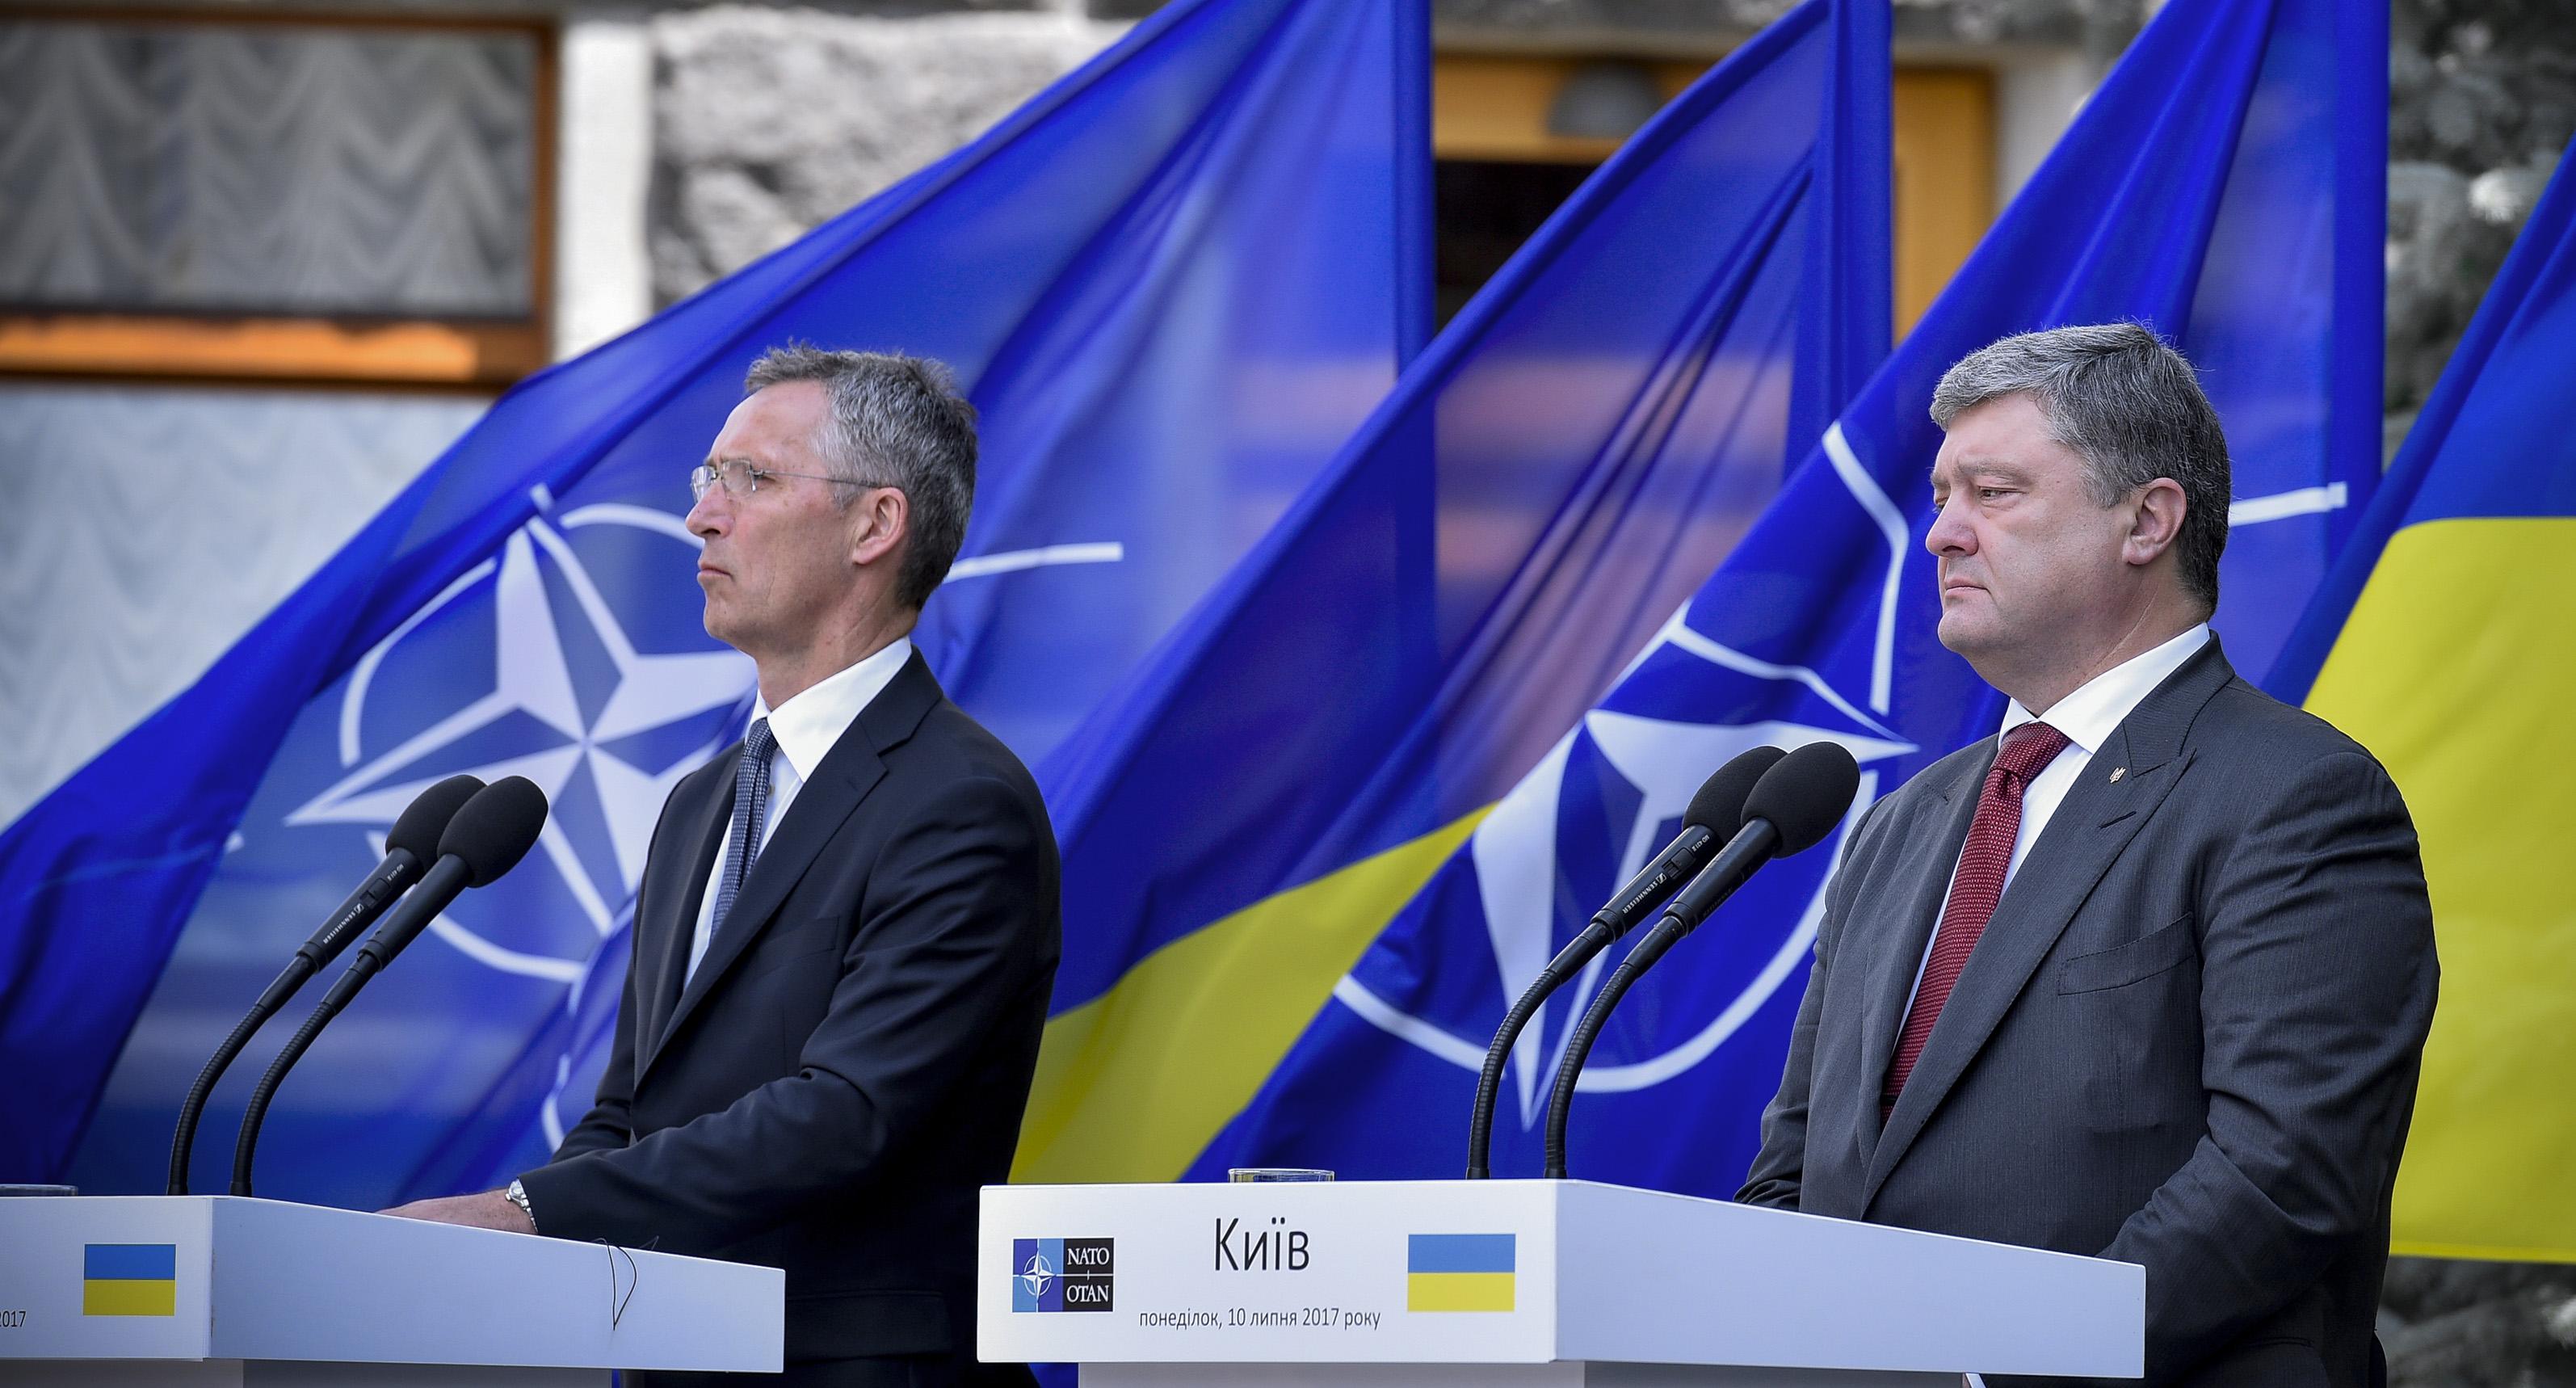 Заседание Комиссии Украина-НАТО под председательством Петра Порошенко. 10 июля 2017 года